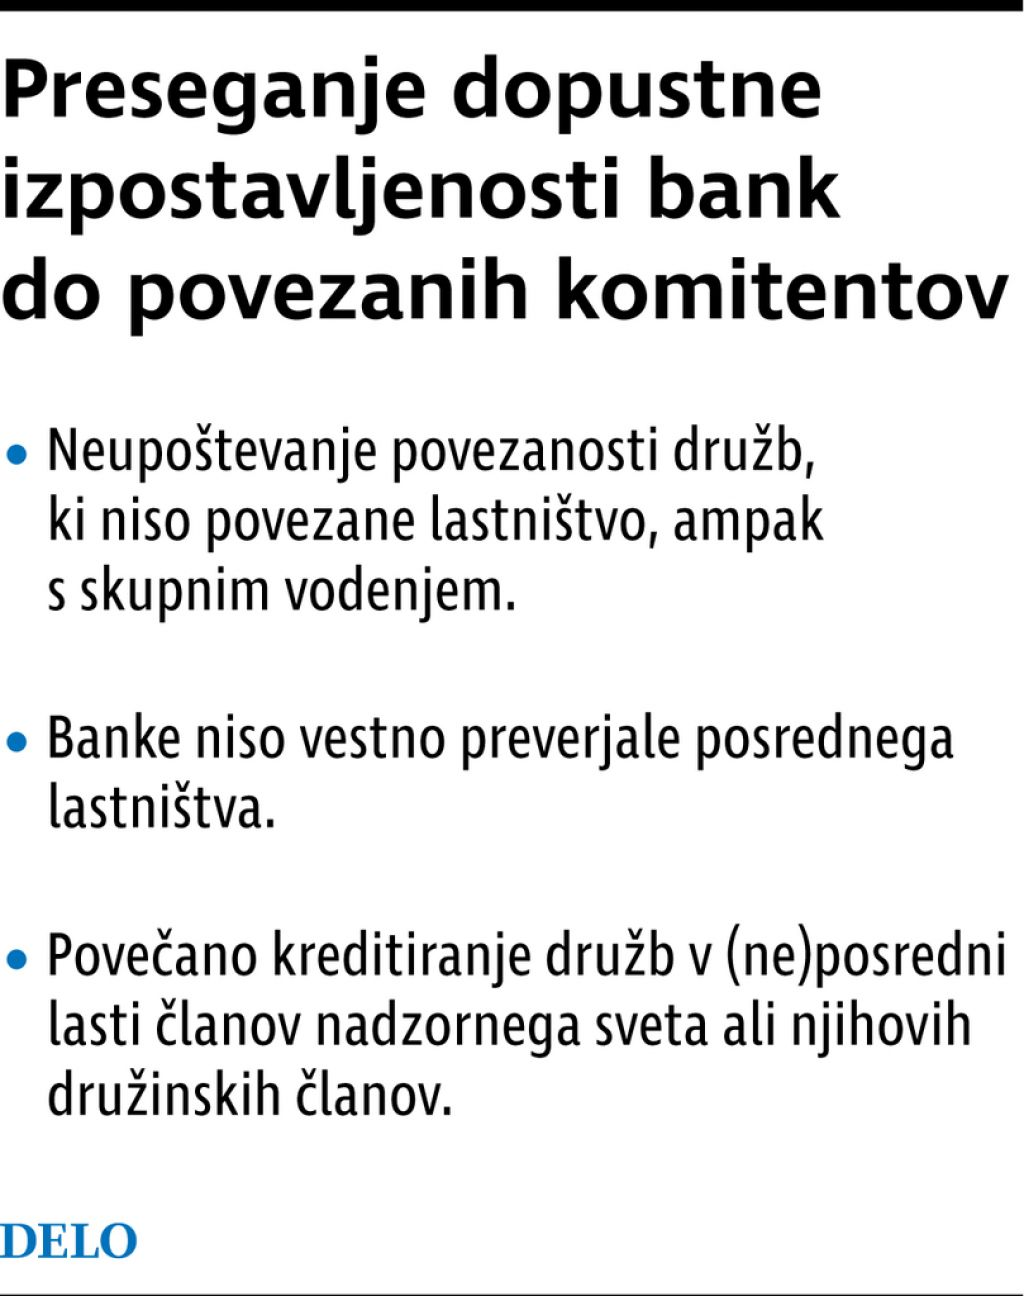 Sporno podeljevanje bonitetnih ocen v Probanki